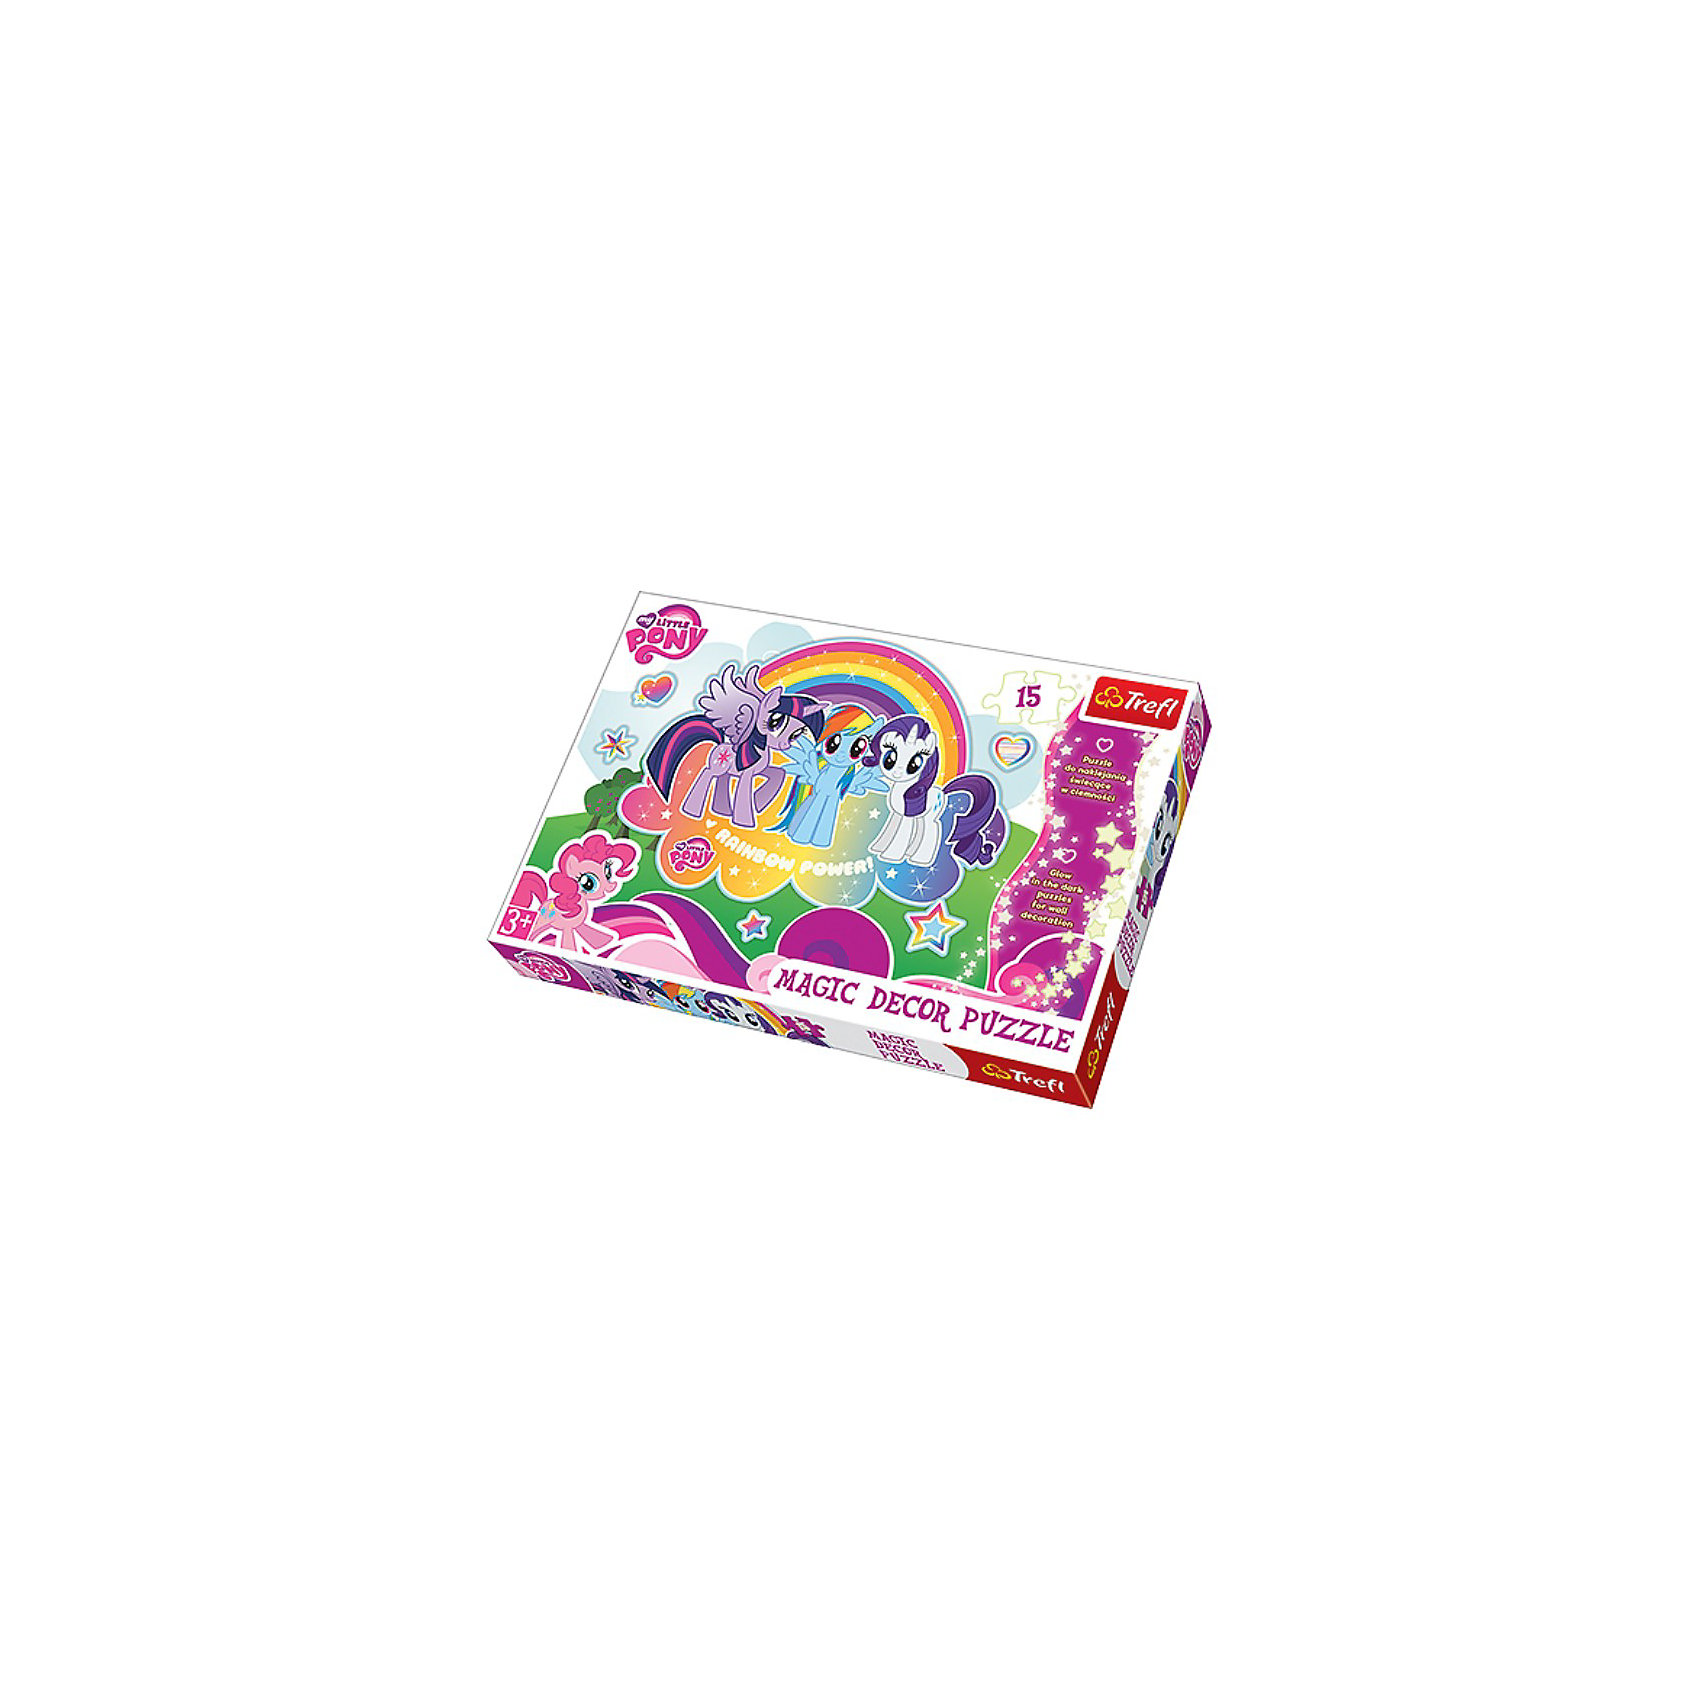 Пазл Мои маленькие пони, 15 светящихся деталей, TreflMy little Pony<br>Характеристики товара:<br><br>• возраст от 3 лет;<br>• материал: картон;<br>• в комплекте: 15 элементов, рамка;<br>• размер пазла 60х40 см;<br>• размер упаковки 40х26,6х4,5 см;<br>• вес упаковки 670 гр.;<br>• страна производитель: Польша.<br><br>Пазл «Мои маленькие пони» Trefl создан по мотивам мультфильма «My Little Pony». Это необычный пазл, а он светится в темноте. Для этого после его сборки надо снять защитную пленку, наклеить пазл на любую поверхность и наблюдать за ним вечером, выключив свет. Собирание пазла тренирует у детей моторику рук, внимательность и логическое мышление. Все элементы выполнены из качественных безвредных материалов.<br><br>Пазл «Мои маленькие пони» Trefl можно приобрести в нашем интернет-магазине.<br><br>Ширина мм: 397<br>Глубина мм: 269<br>Высота мм: 58<br>Вес г: 651<br>Возраст от месяцев: 36<br>Возраст до месяцев: 72<br>Пол: Женский<br>Возраст: Детский<br>Количество деталей: 15<br>SKU: 3522855